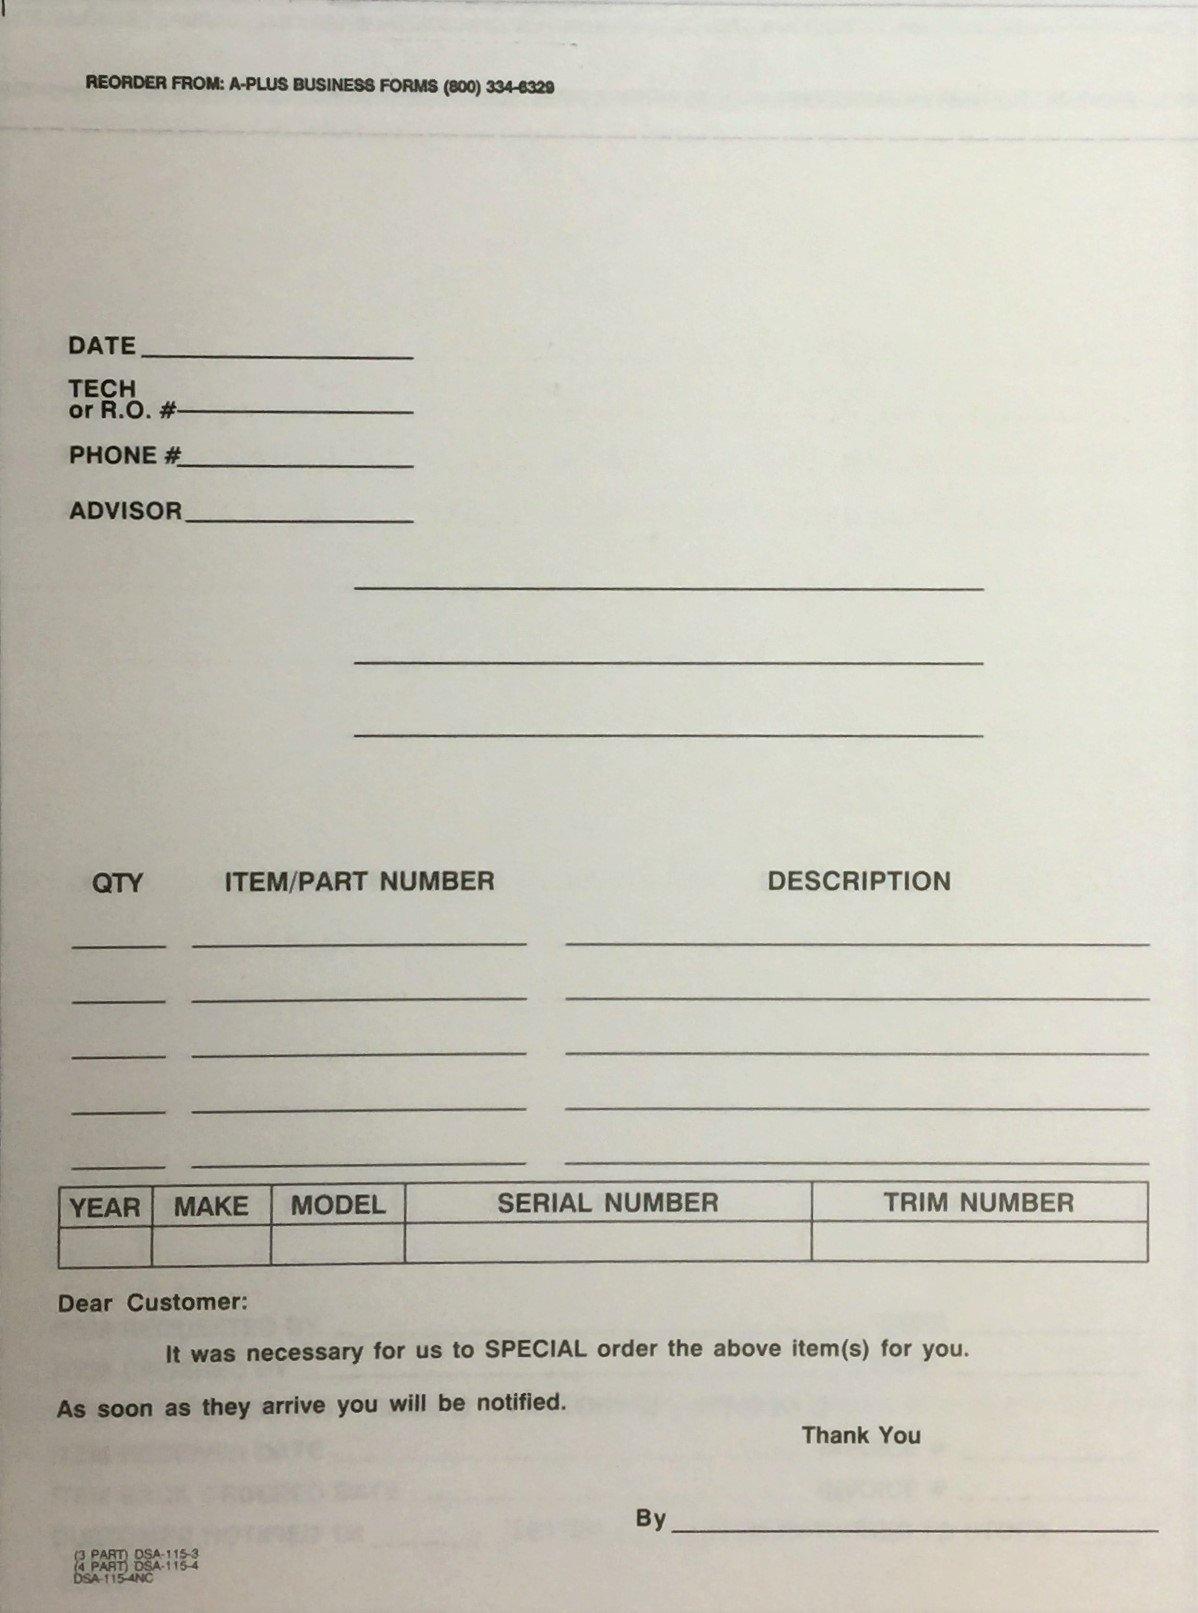 Special Parts Order Form - DSA-115 - 100 Qty. (R79)